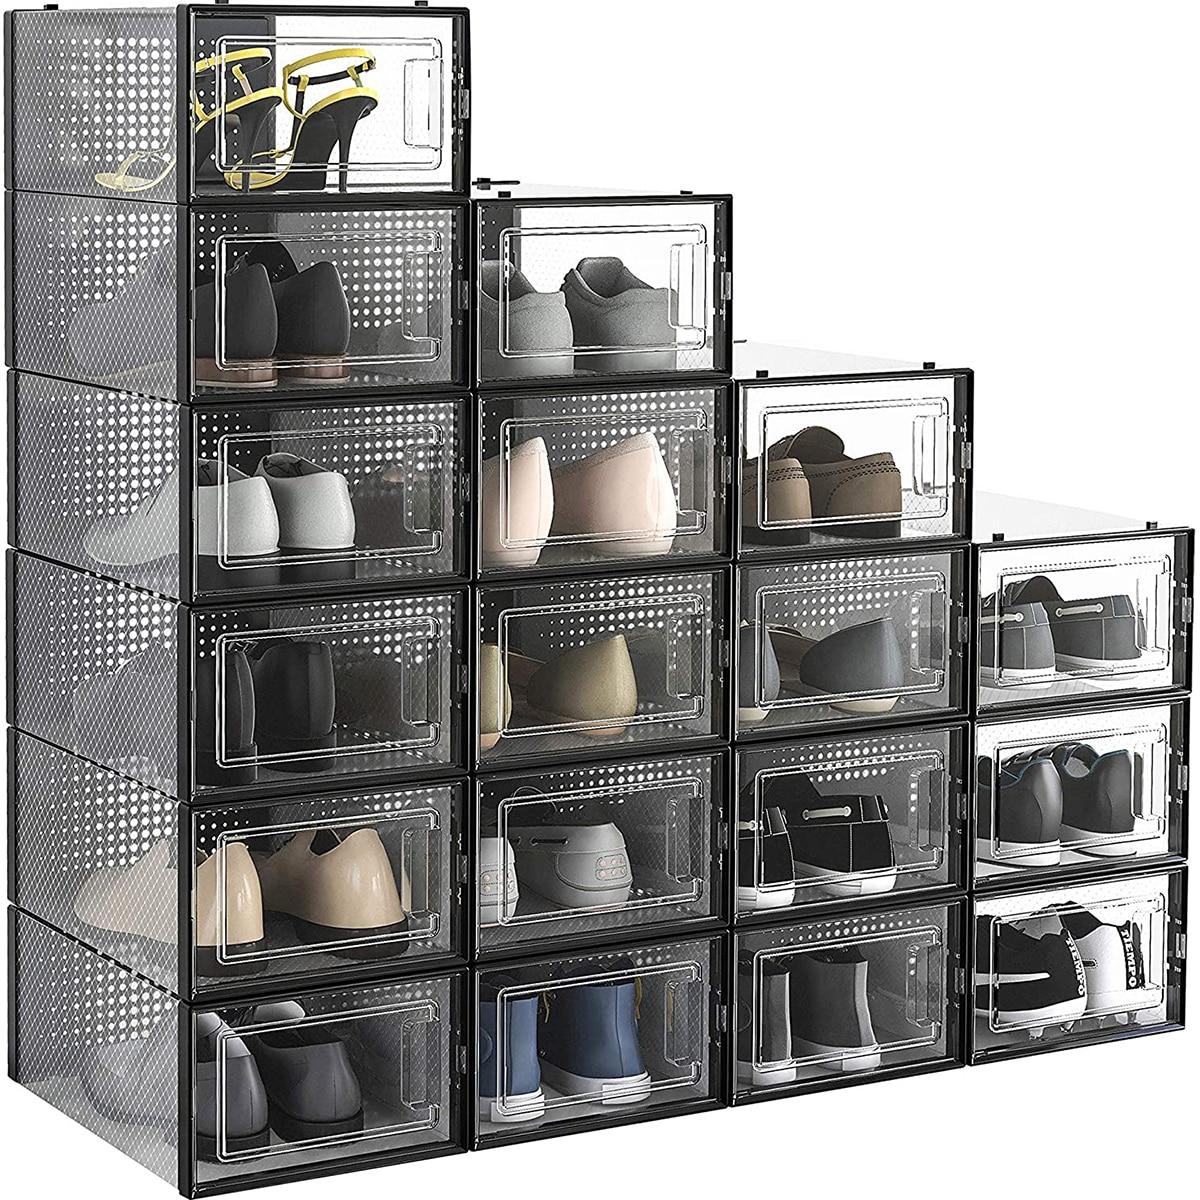 1шт прозрачный ящик для хранения обуви